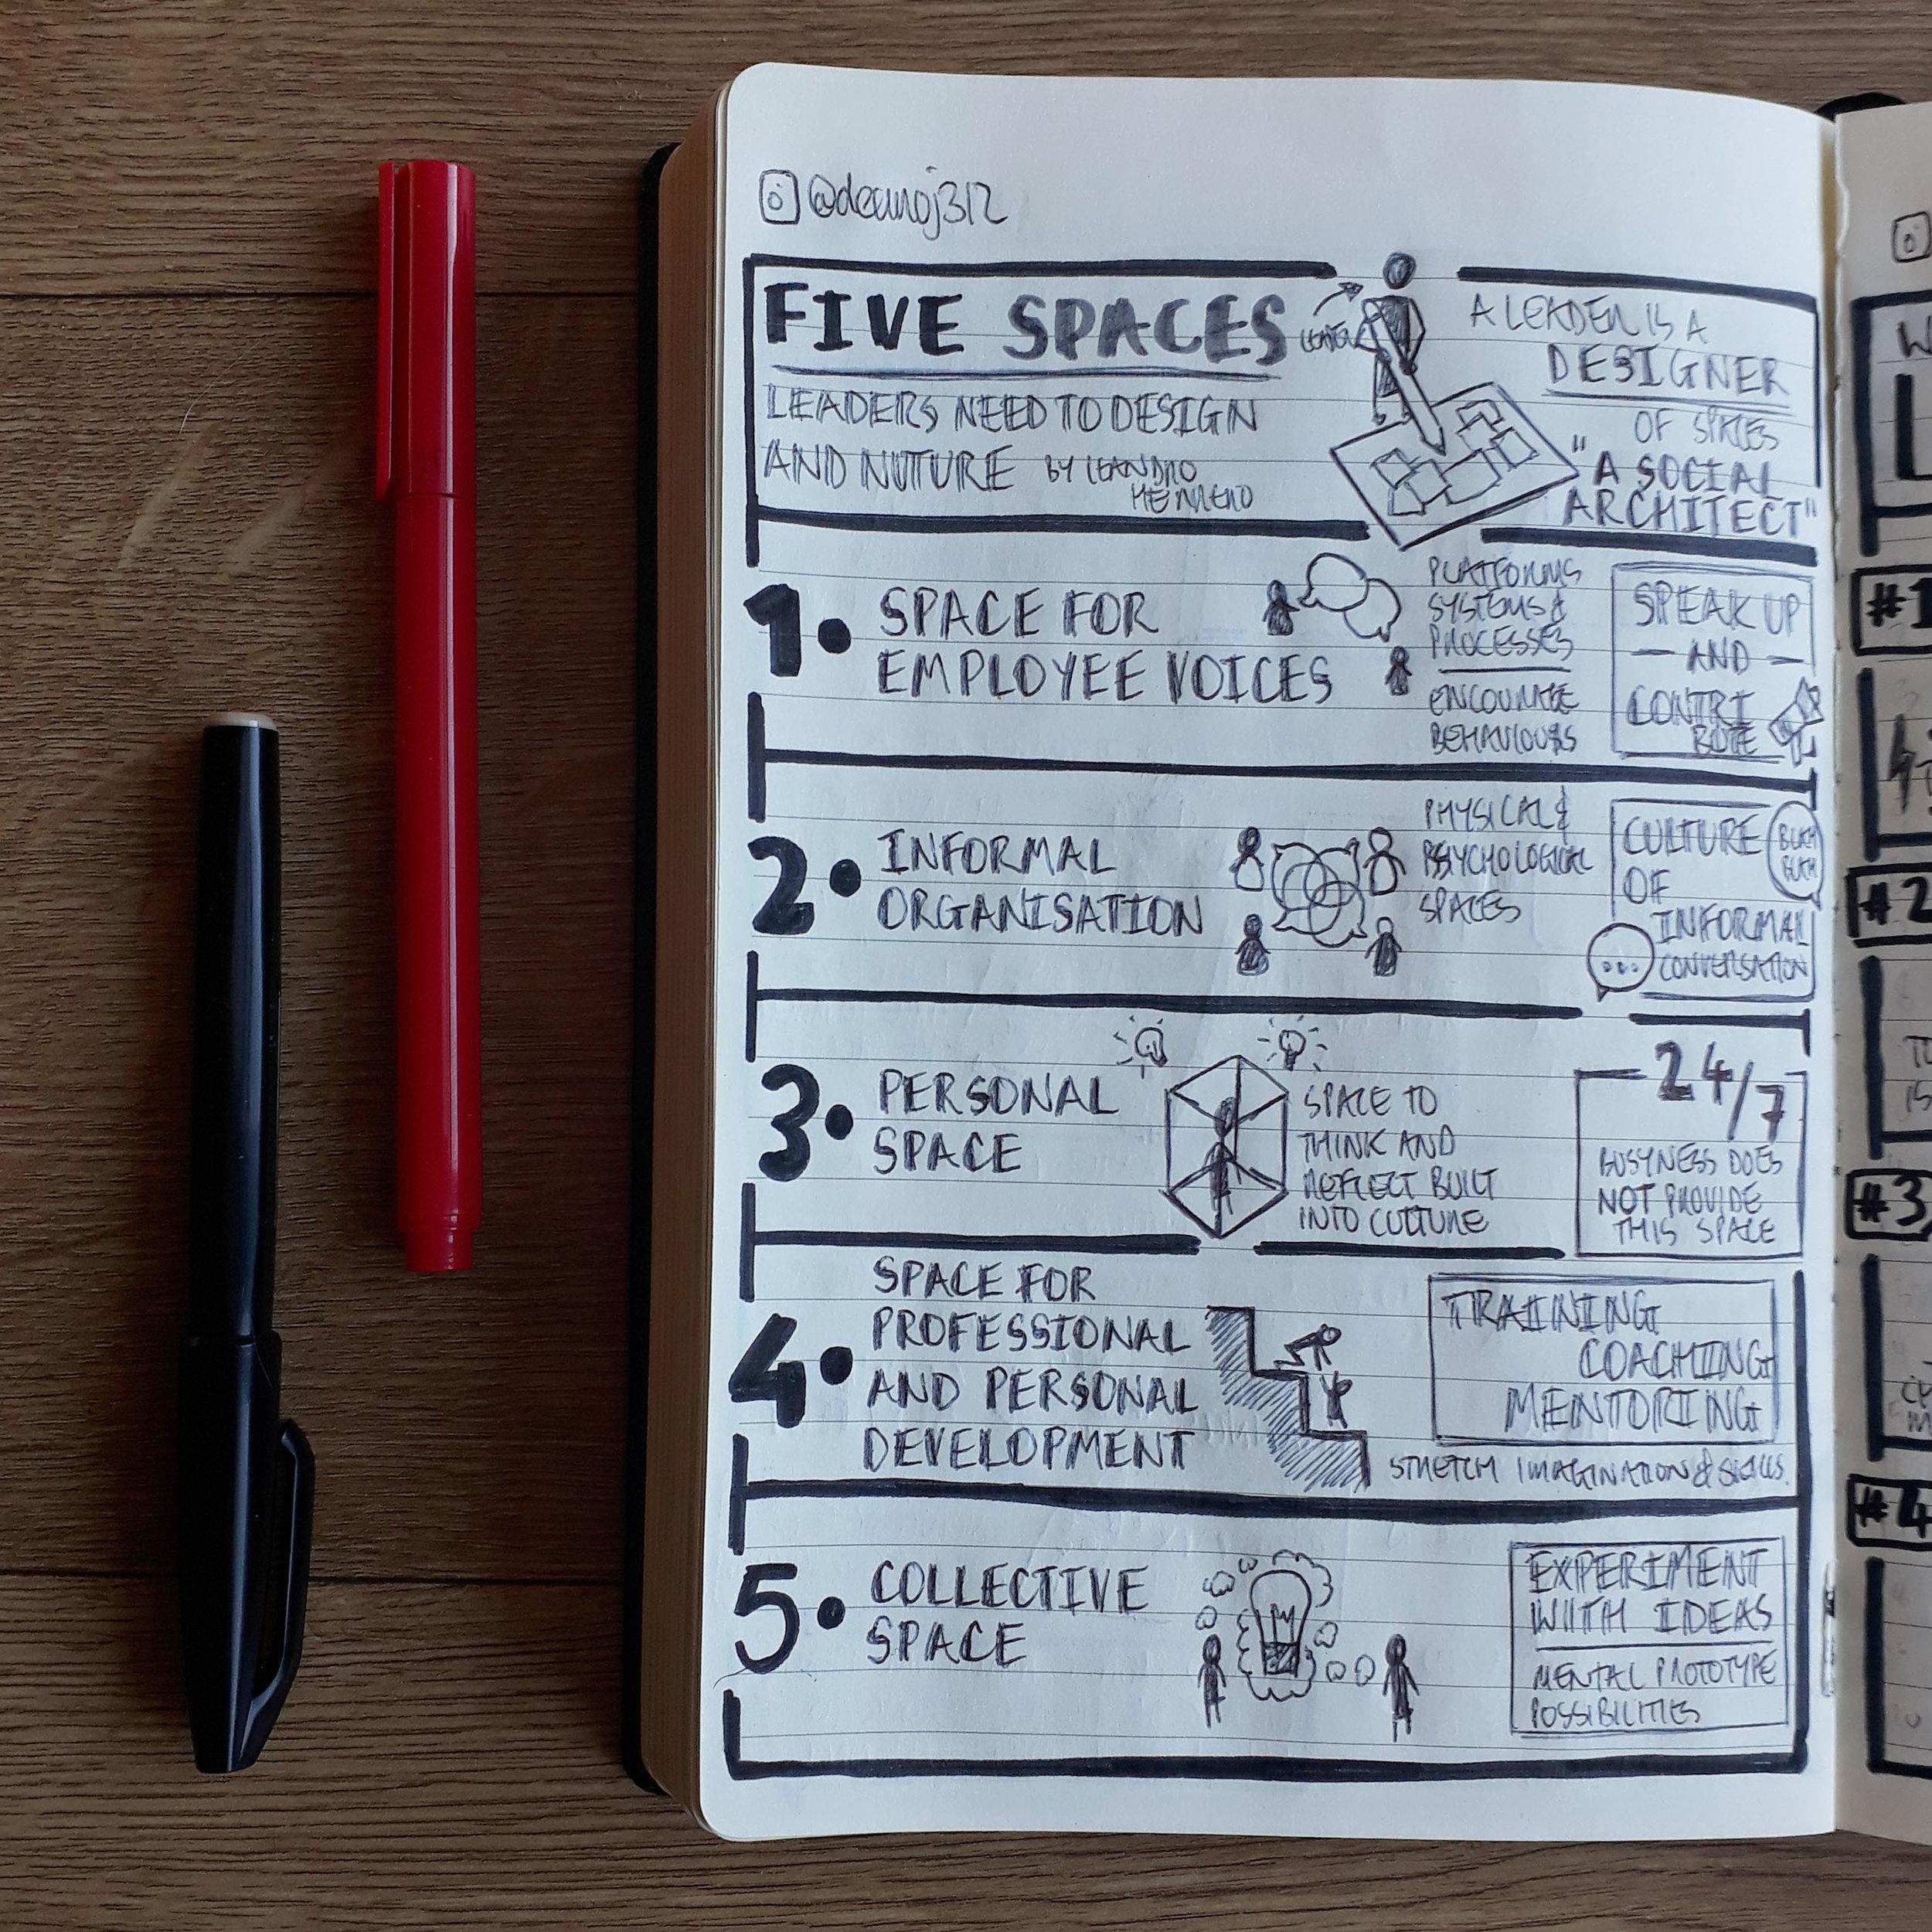 FiveSpacesLeadersNeedToDesignAndNuture1.jpg